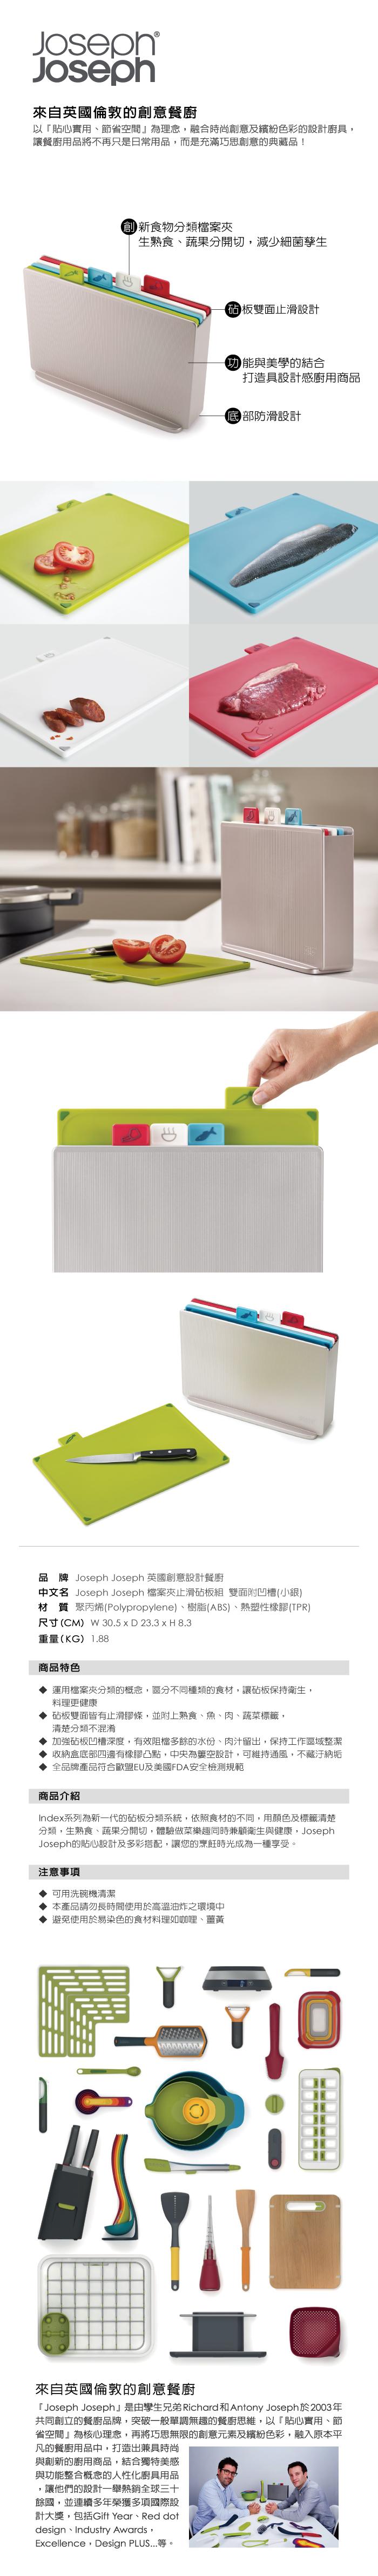 (複製)Joseph Joseph|英國創意餐廚 檔案夾止滑砧板組-雙面附凹槽(小灰)